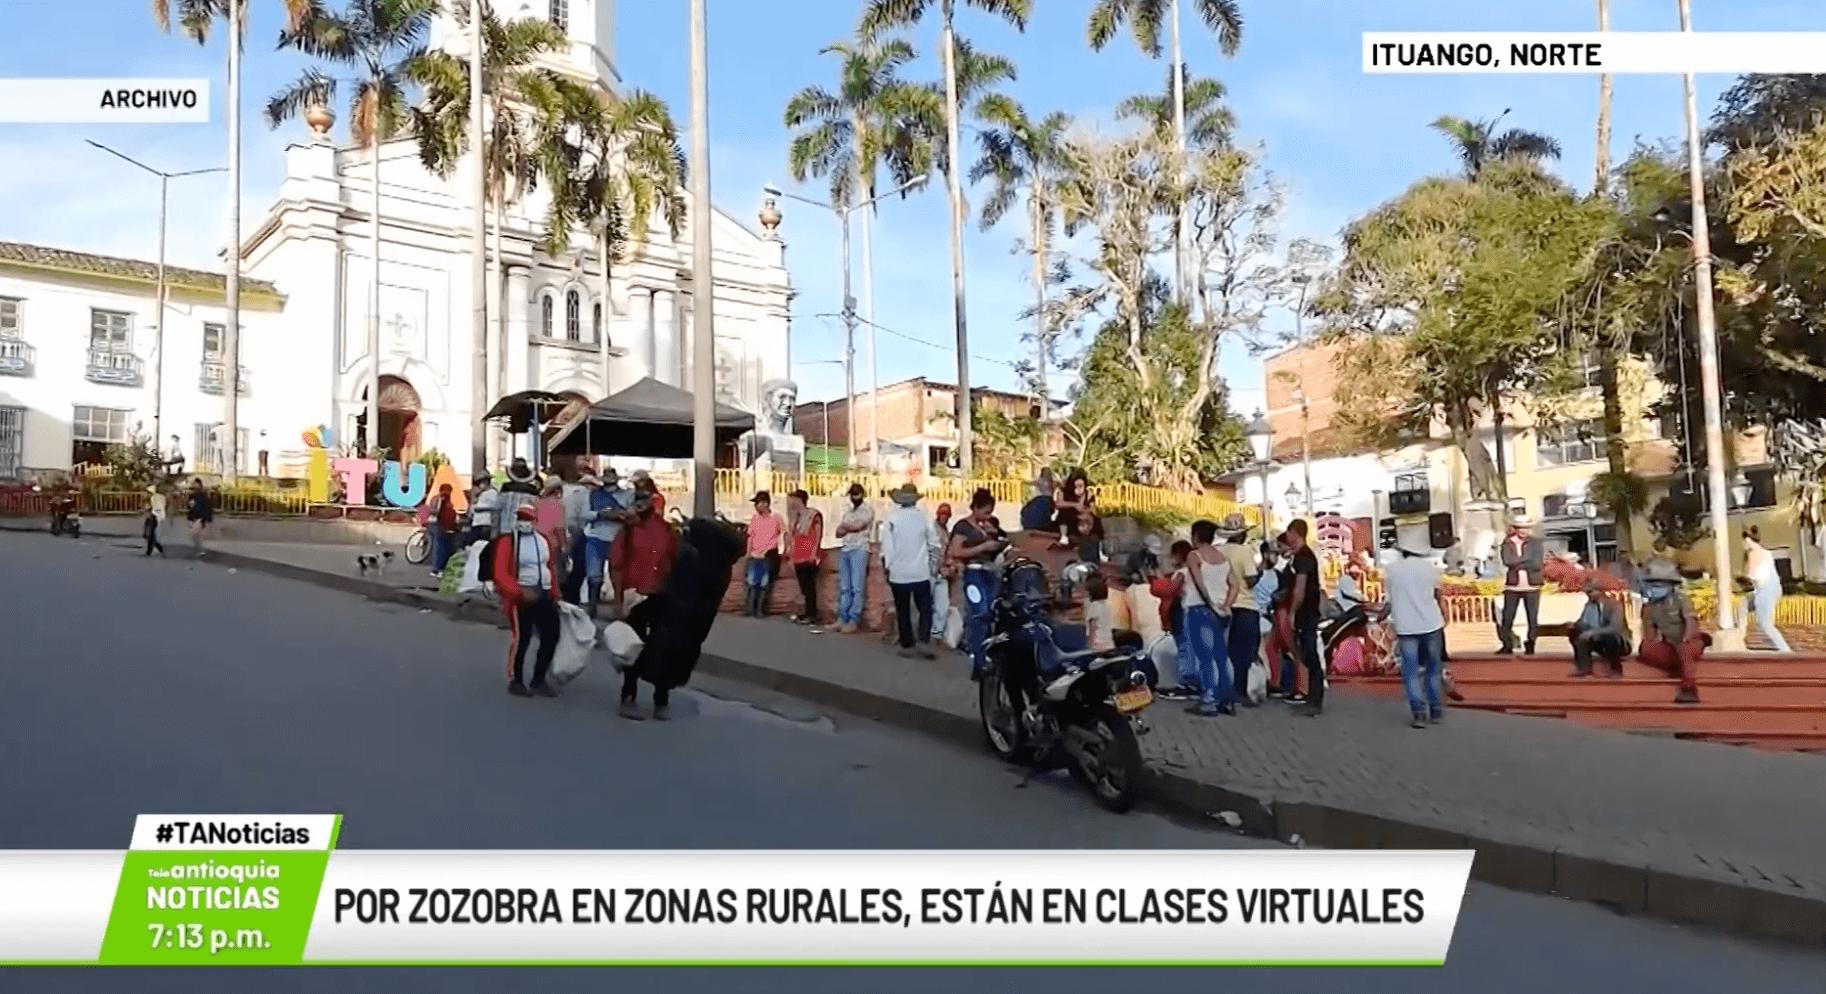 Por zozobra en zonas rurales, están en clases virtuales